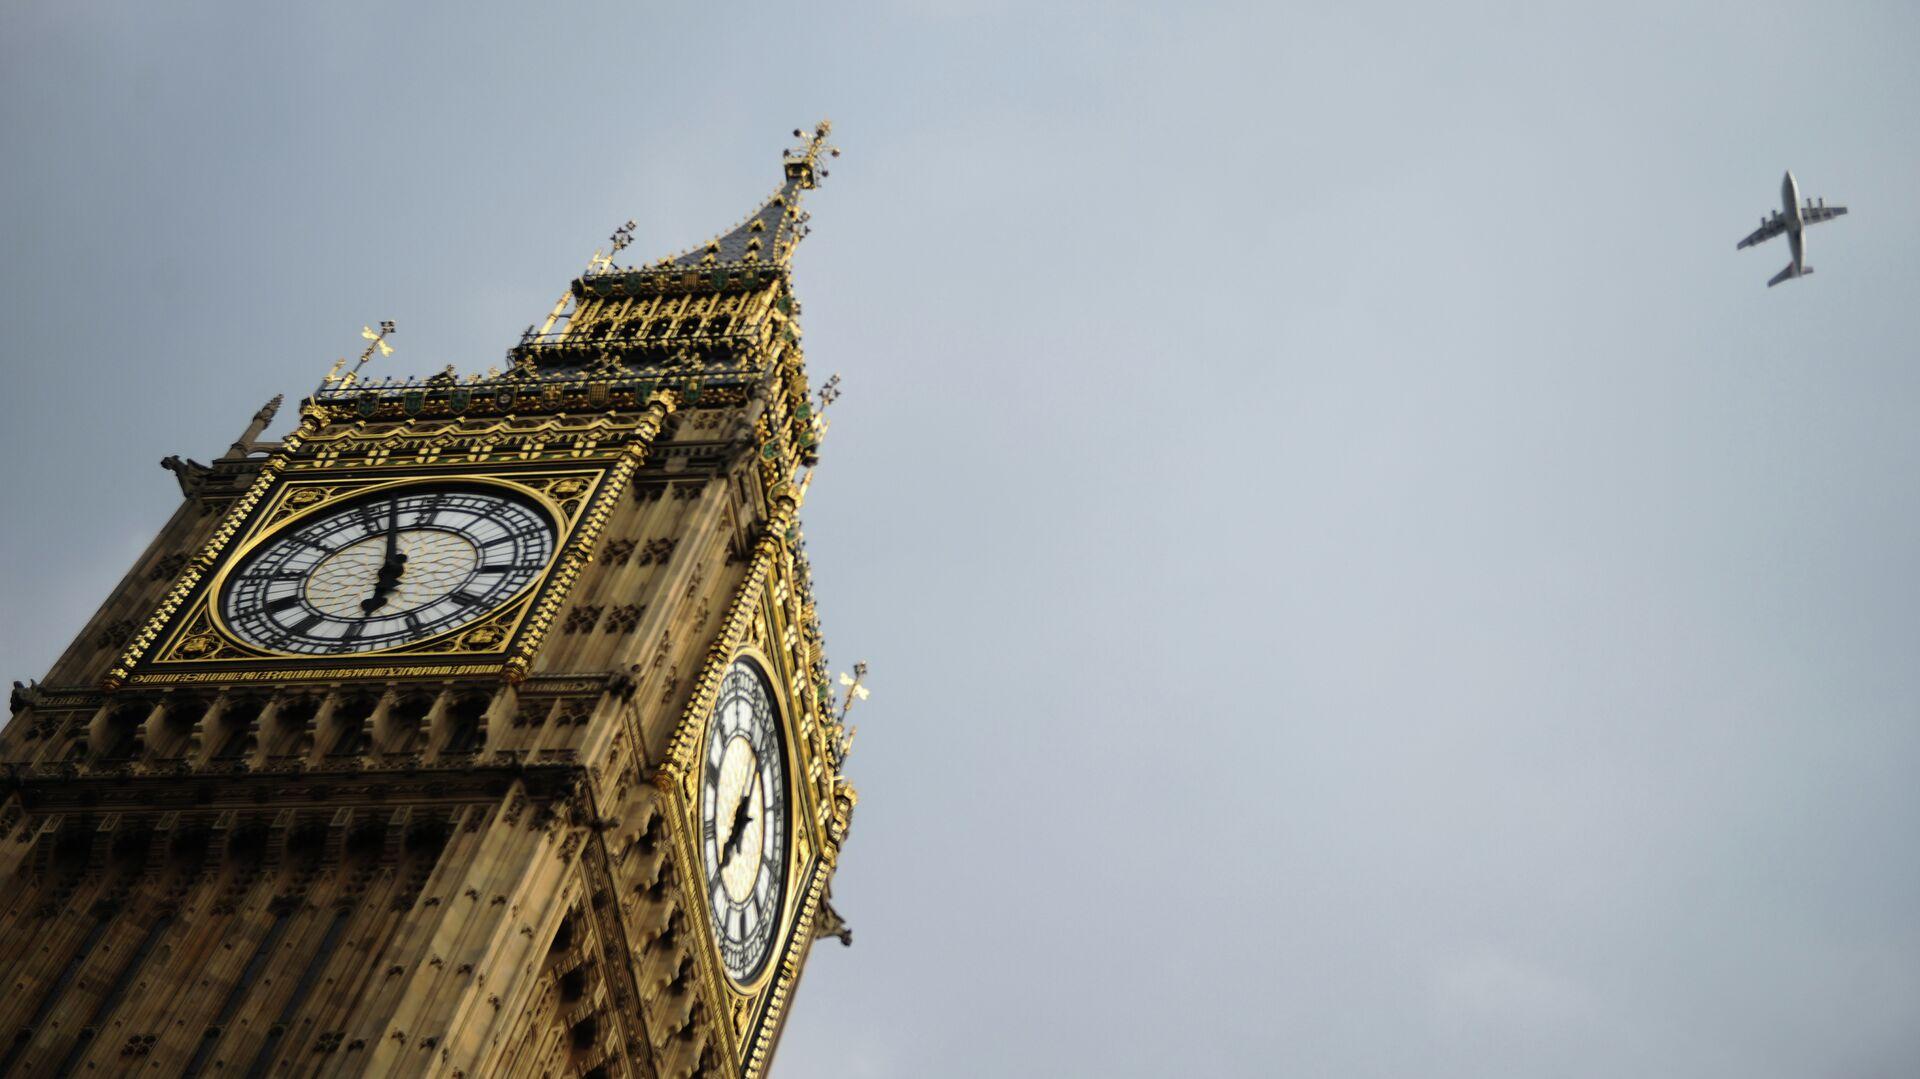 Часовая башня Биг Бен Вестминстерского дворца в Лондоне - РИА Новости, 1920, 21.12.2020